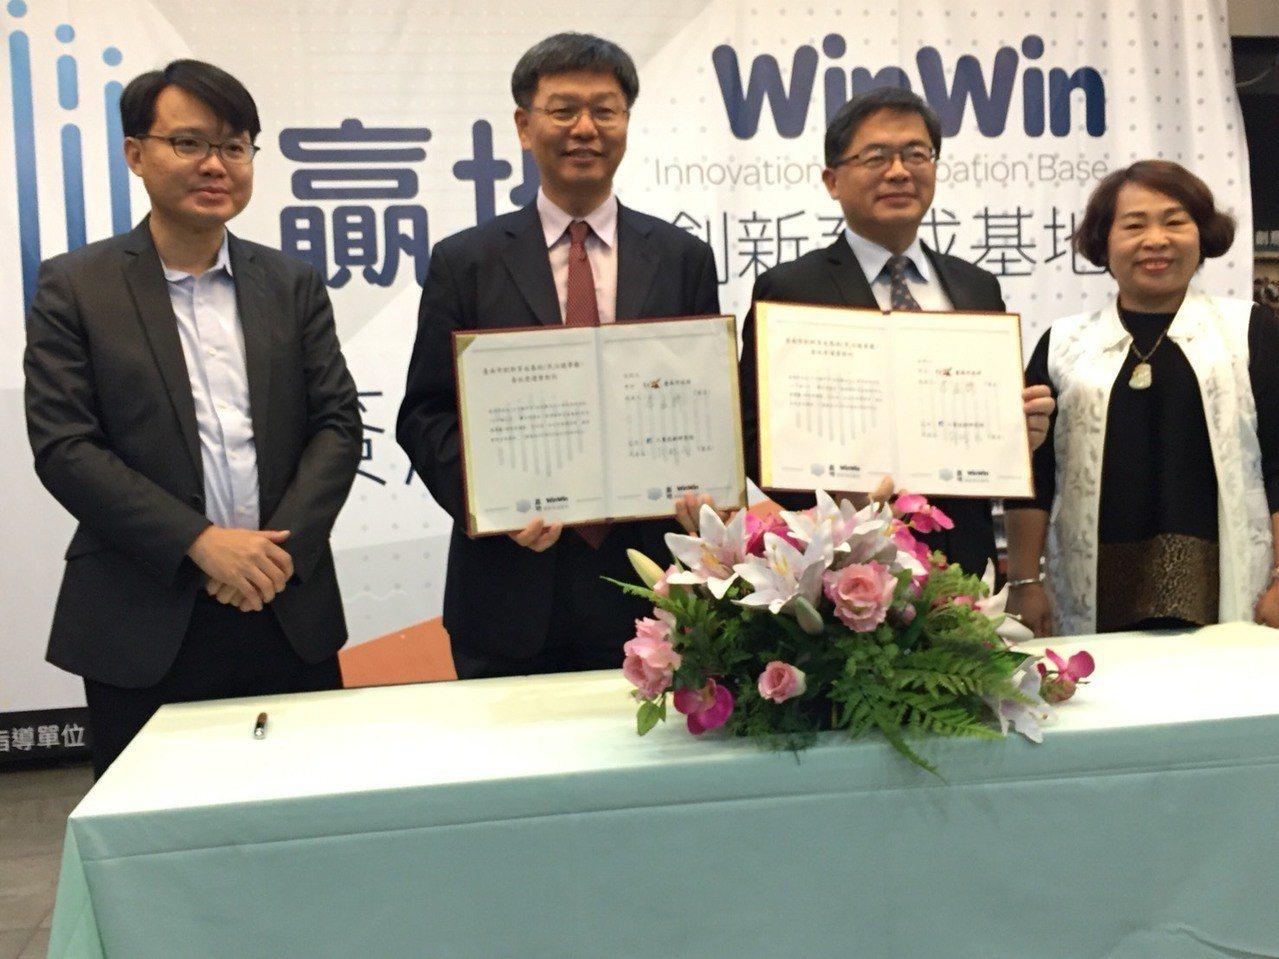 台南市創新育成基地簽約。記者吳政修/攝影